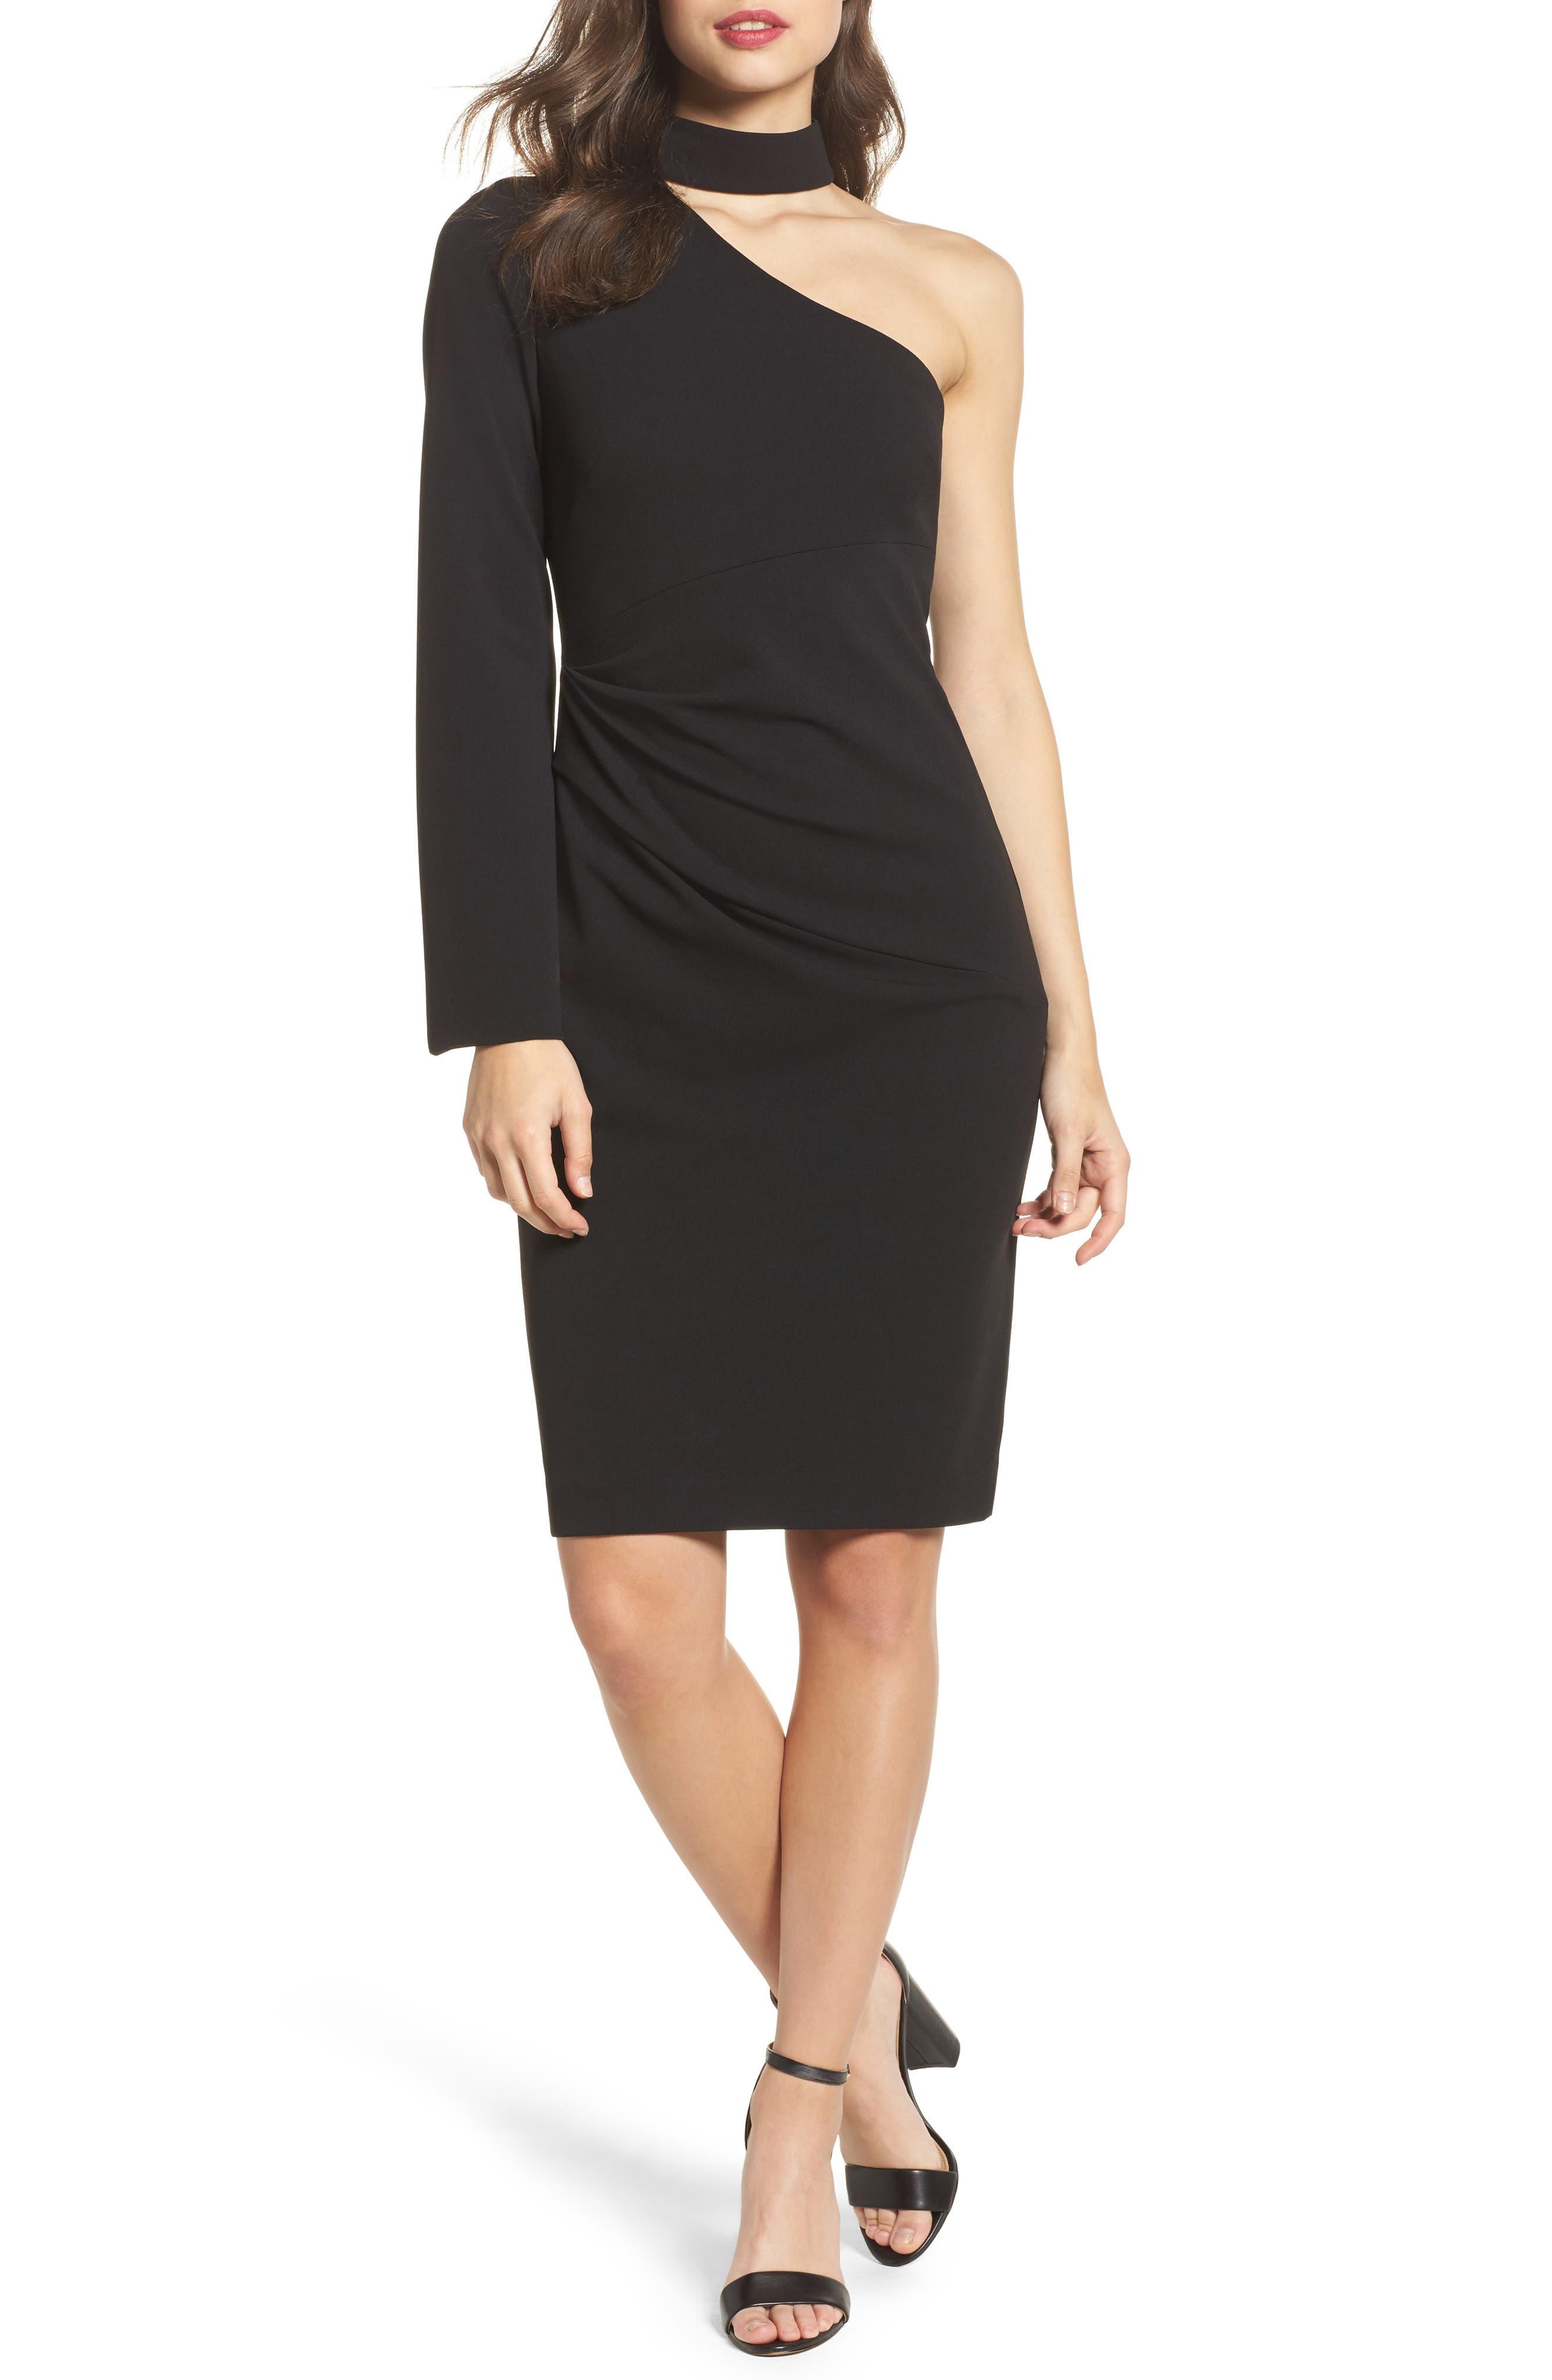 Alternate Image 1 Selected - Vince Camuto Choker One-Shoulder Dress